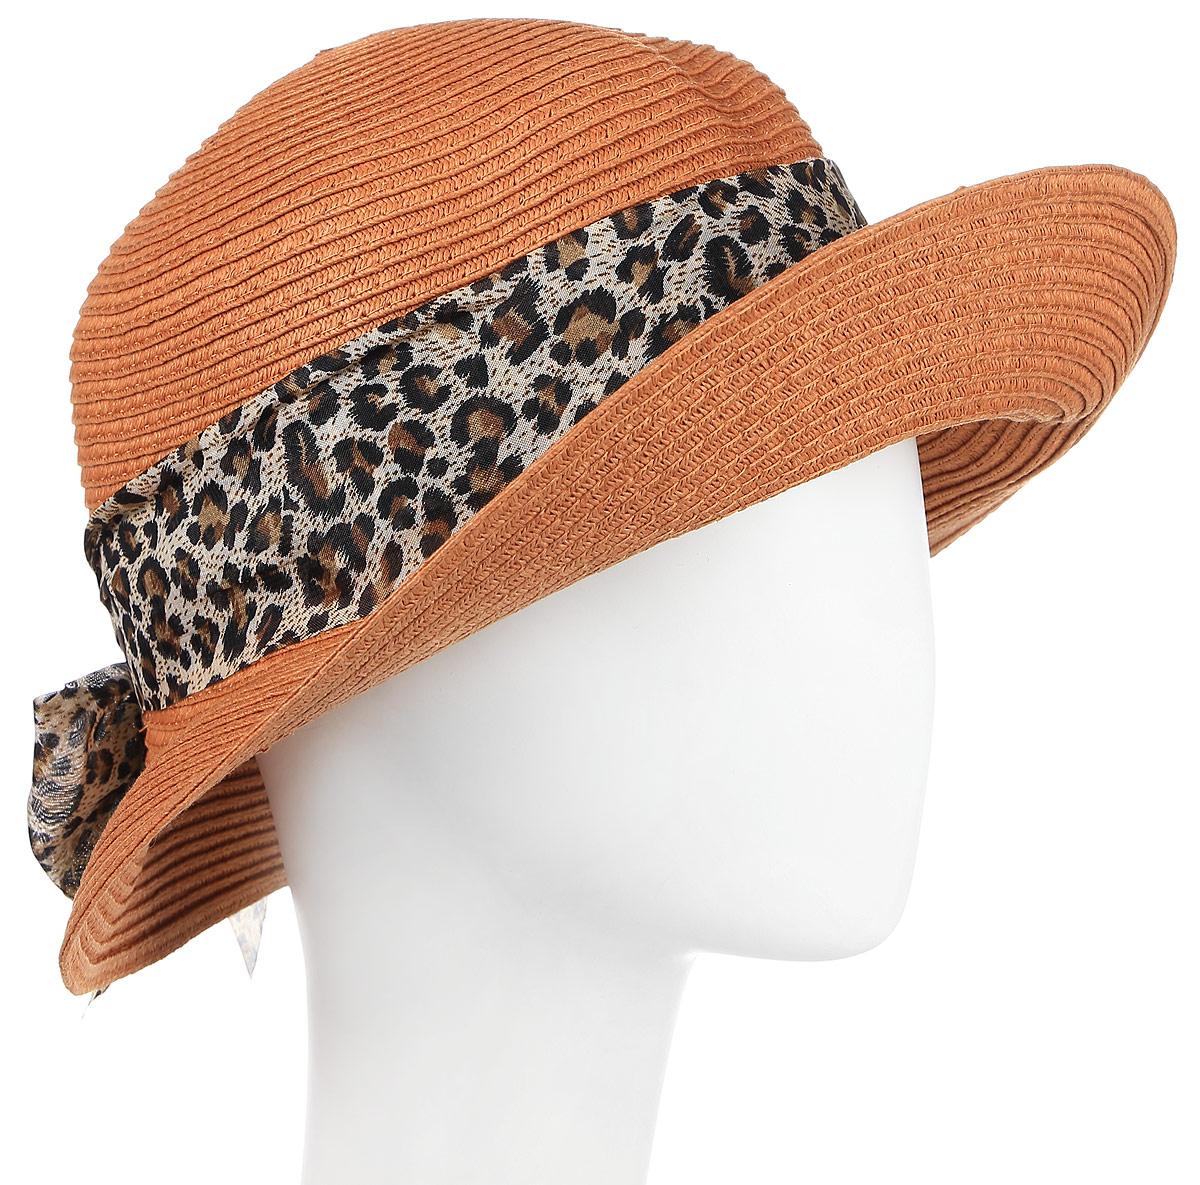 ШляпаHtW131005Соломенная шляпа плотного плетения с широкими полями. Широкая декоративная лента с леопардовым принтом завязана в кокетливый бант. Модель для расслабленного отдыха и романтичных городских образов.